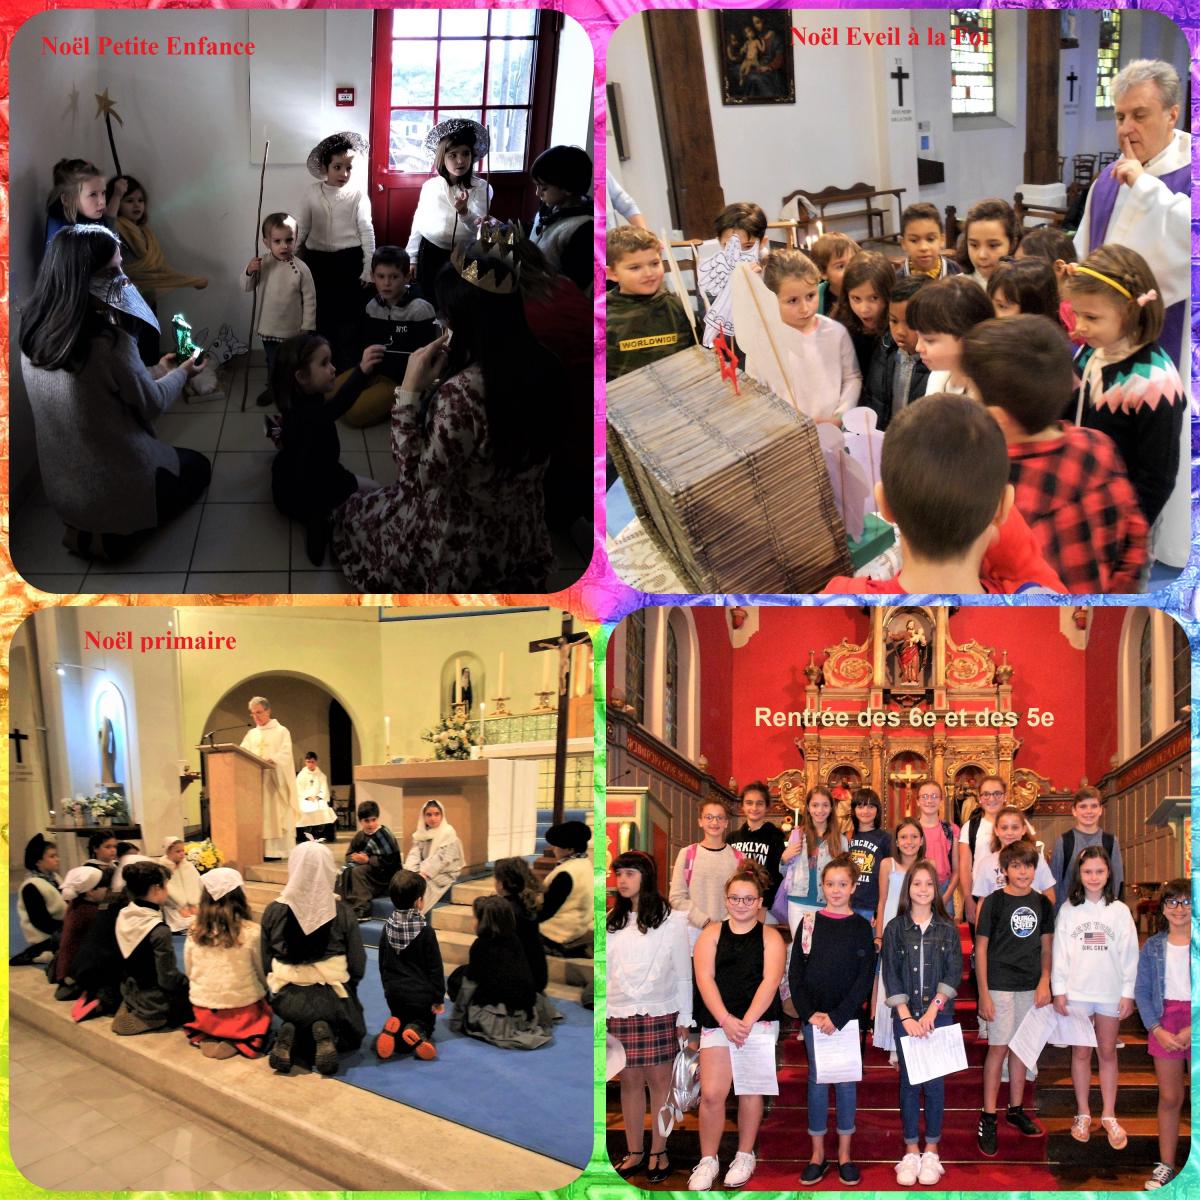 Mardi 26 mai - Pour tous les enfants du catéchisme : rencontre des catéchistes pour un 1e bilan